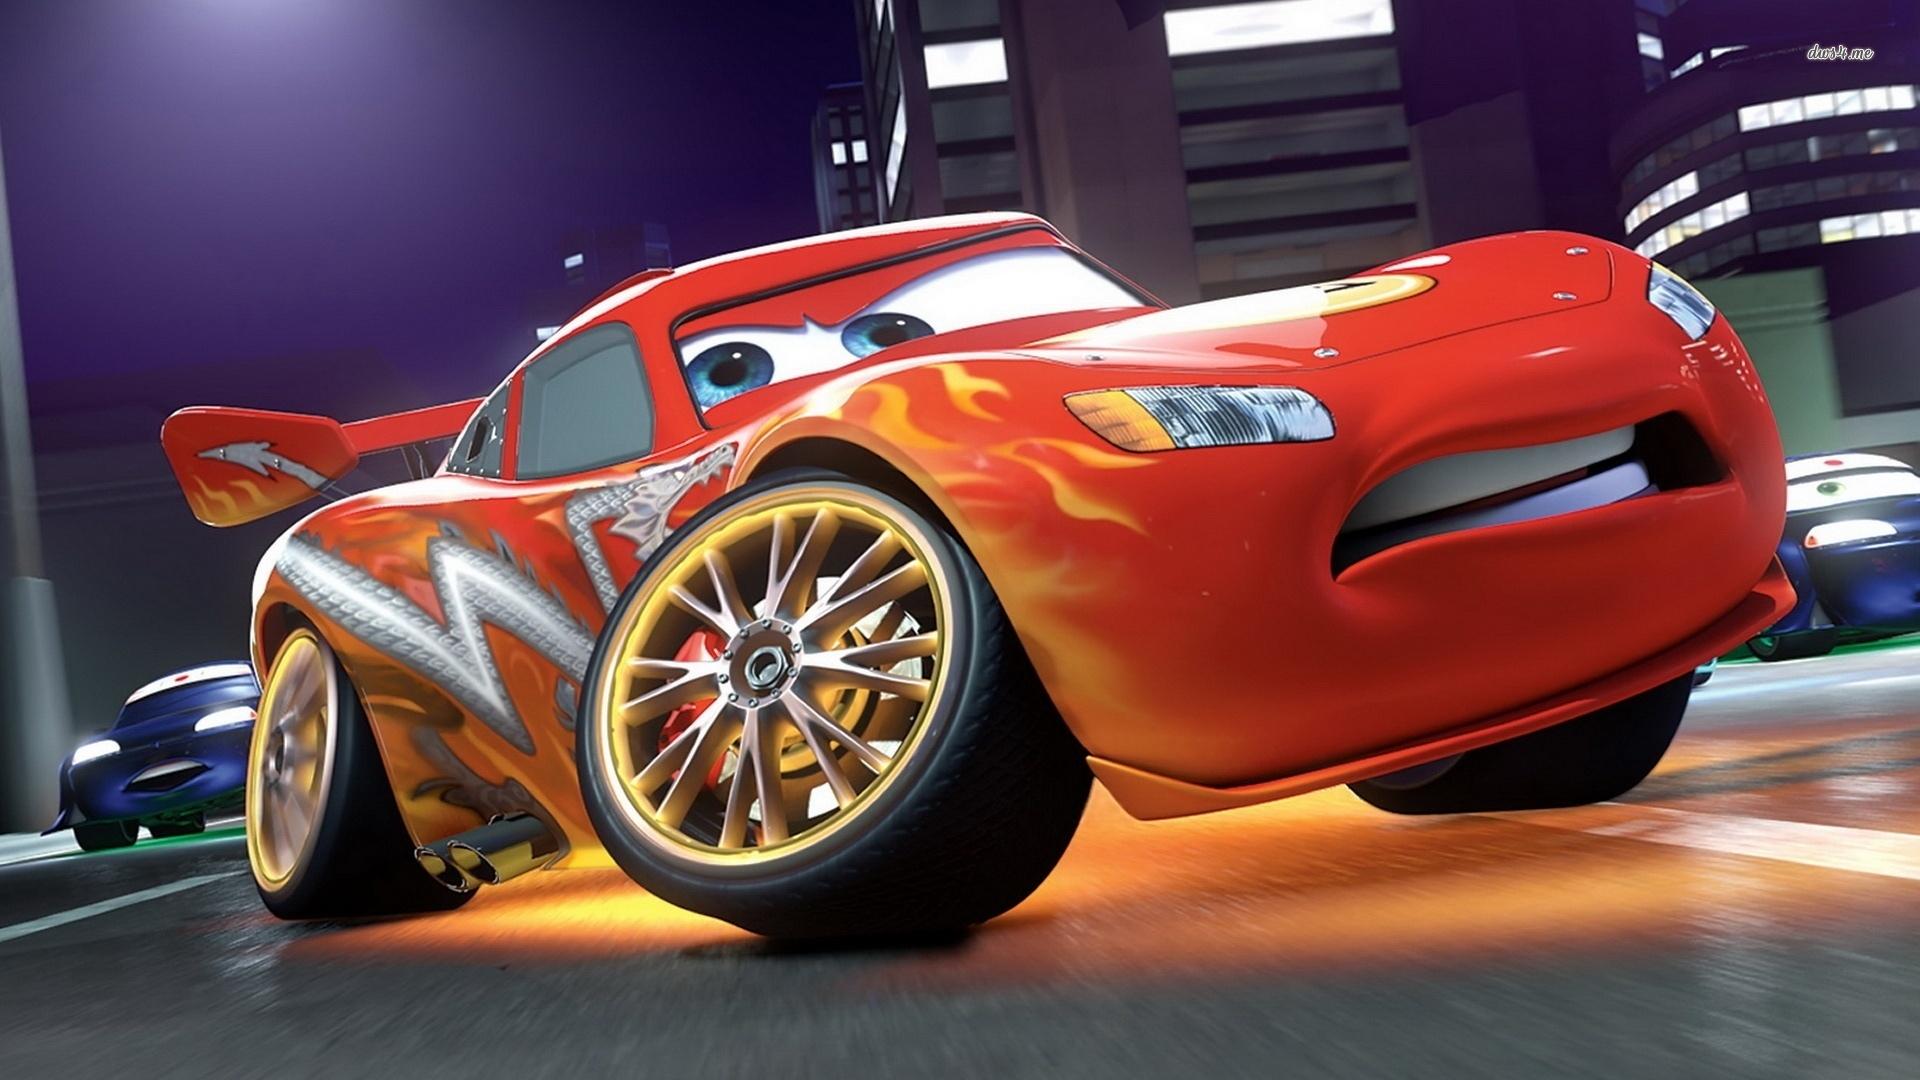 Fondos De Pantalla De Cars 2 Wallpapers Disney Pixar